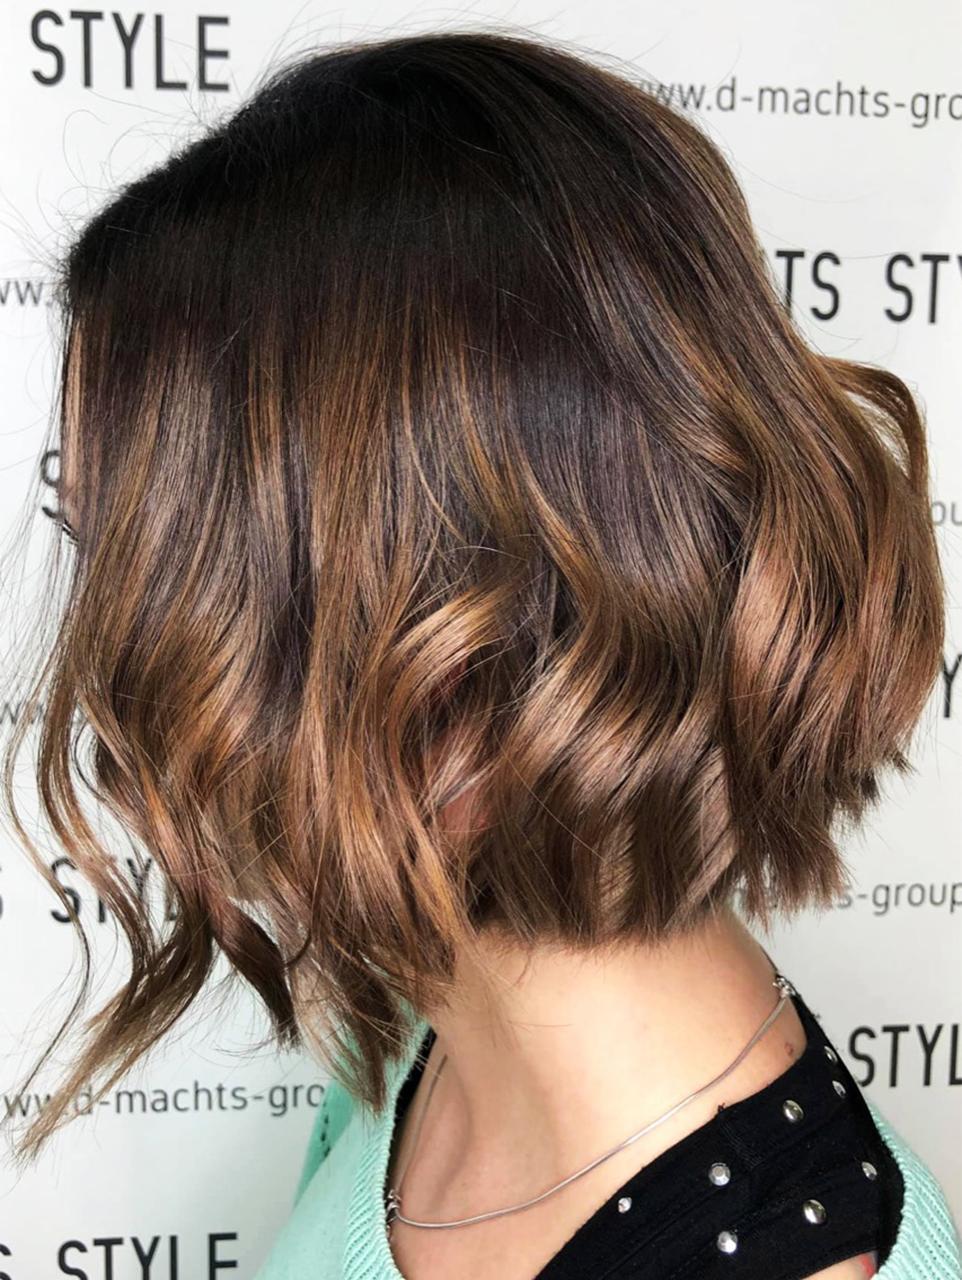 Frisuren Bilder 2021 - Haarfarben, Haarschnitte und Styling